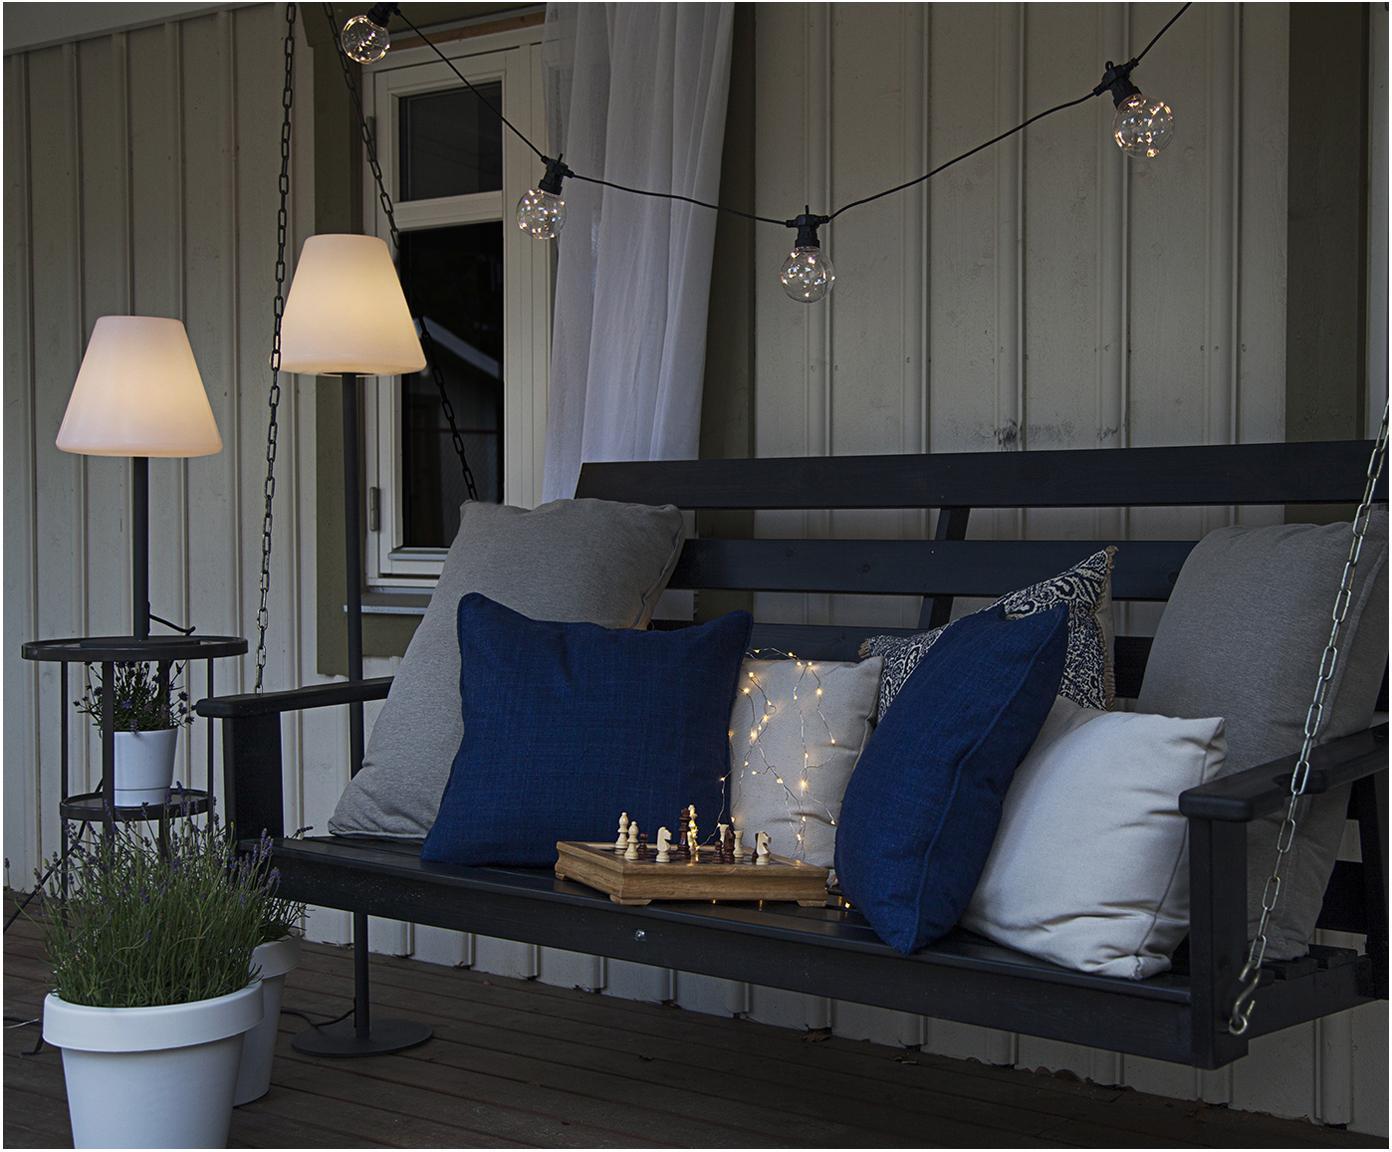 Zewnętrzna lampa LED Gardenlight, Biały, antracytowy, Ø 28 x W 150 cm